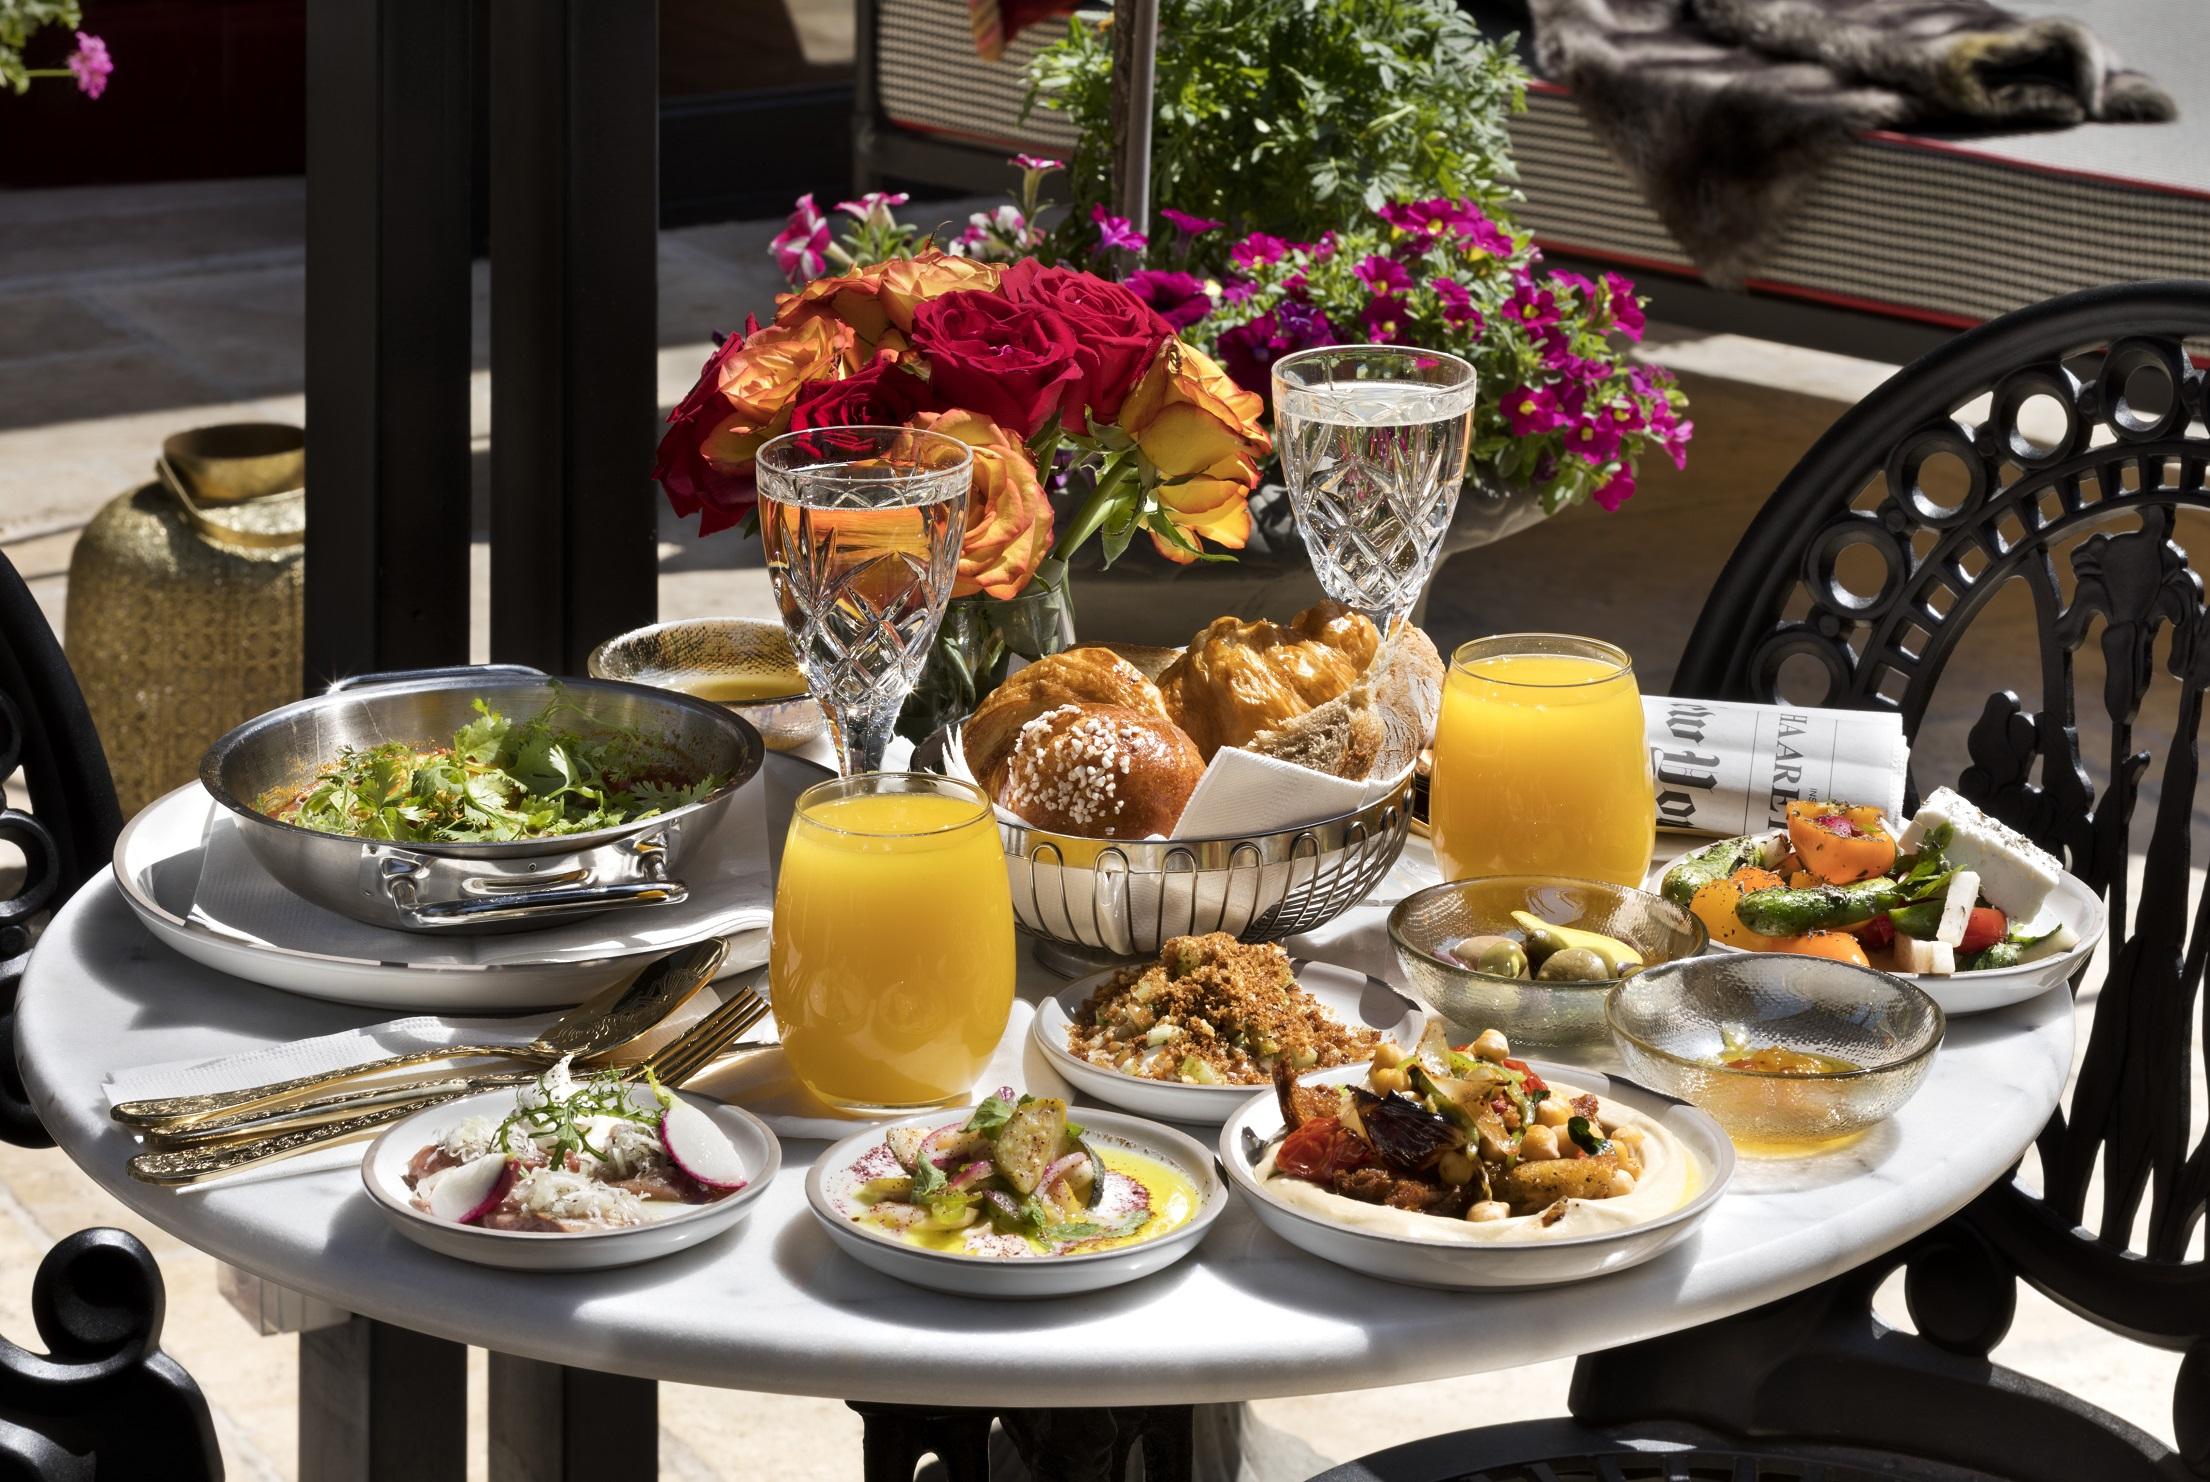 ארוחת הבוקר - פתוחה גם לקהל הרחב